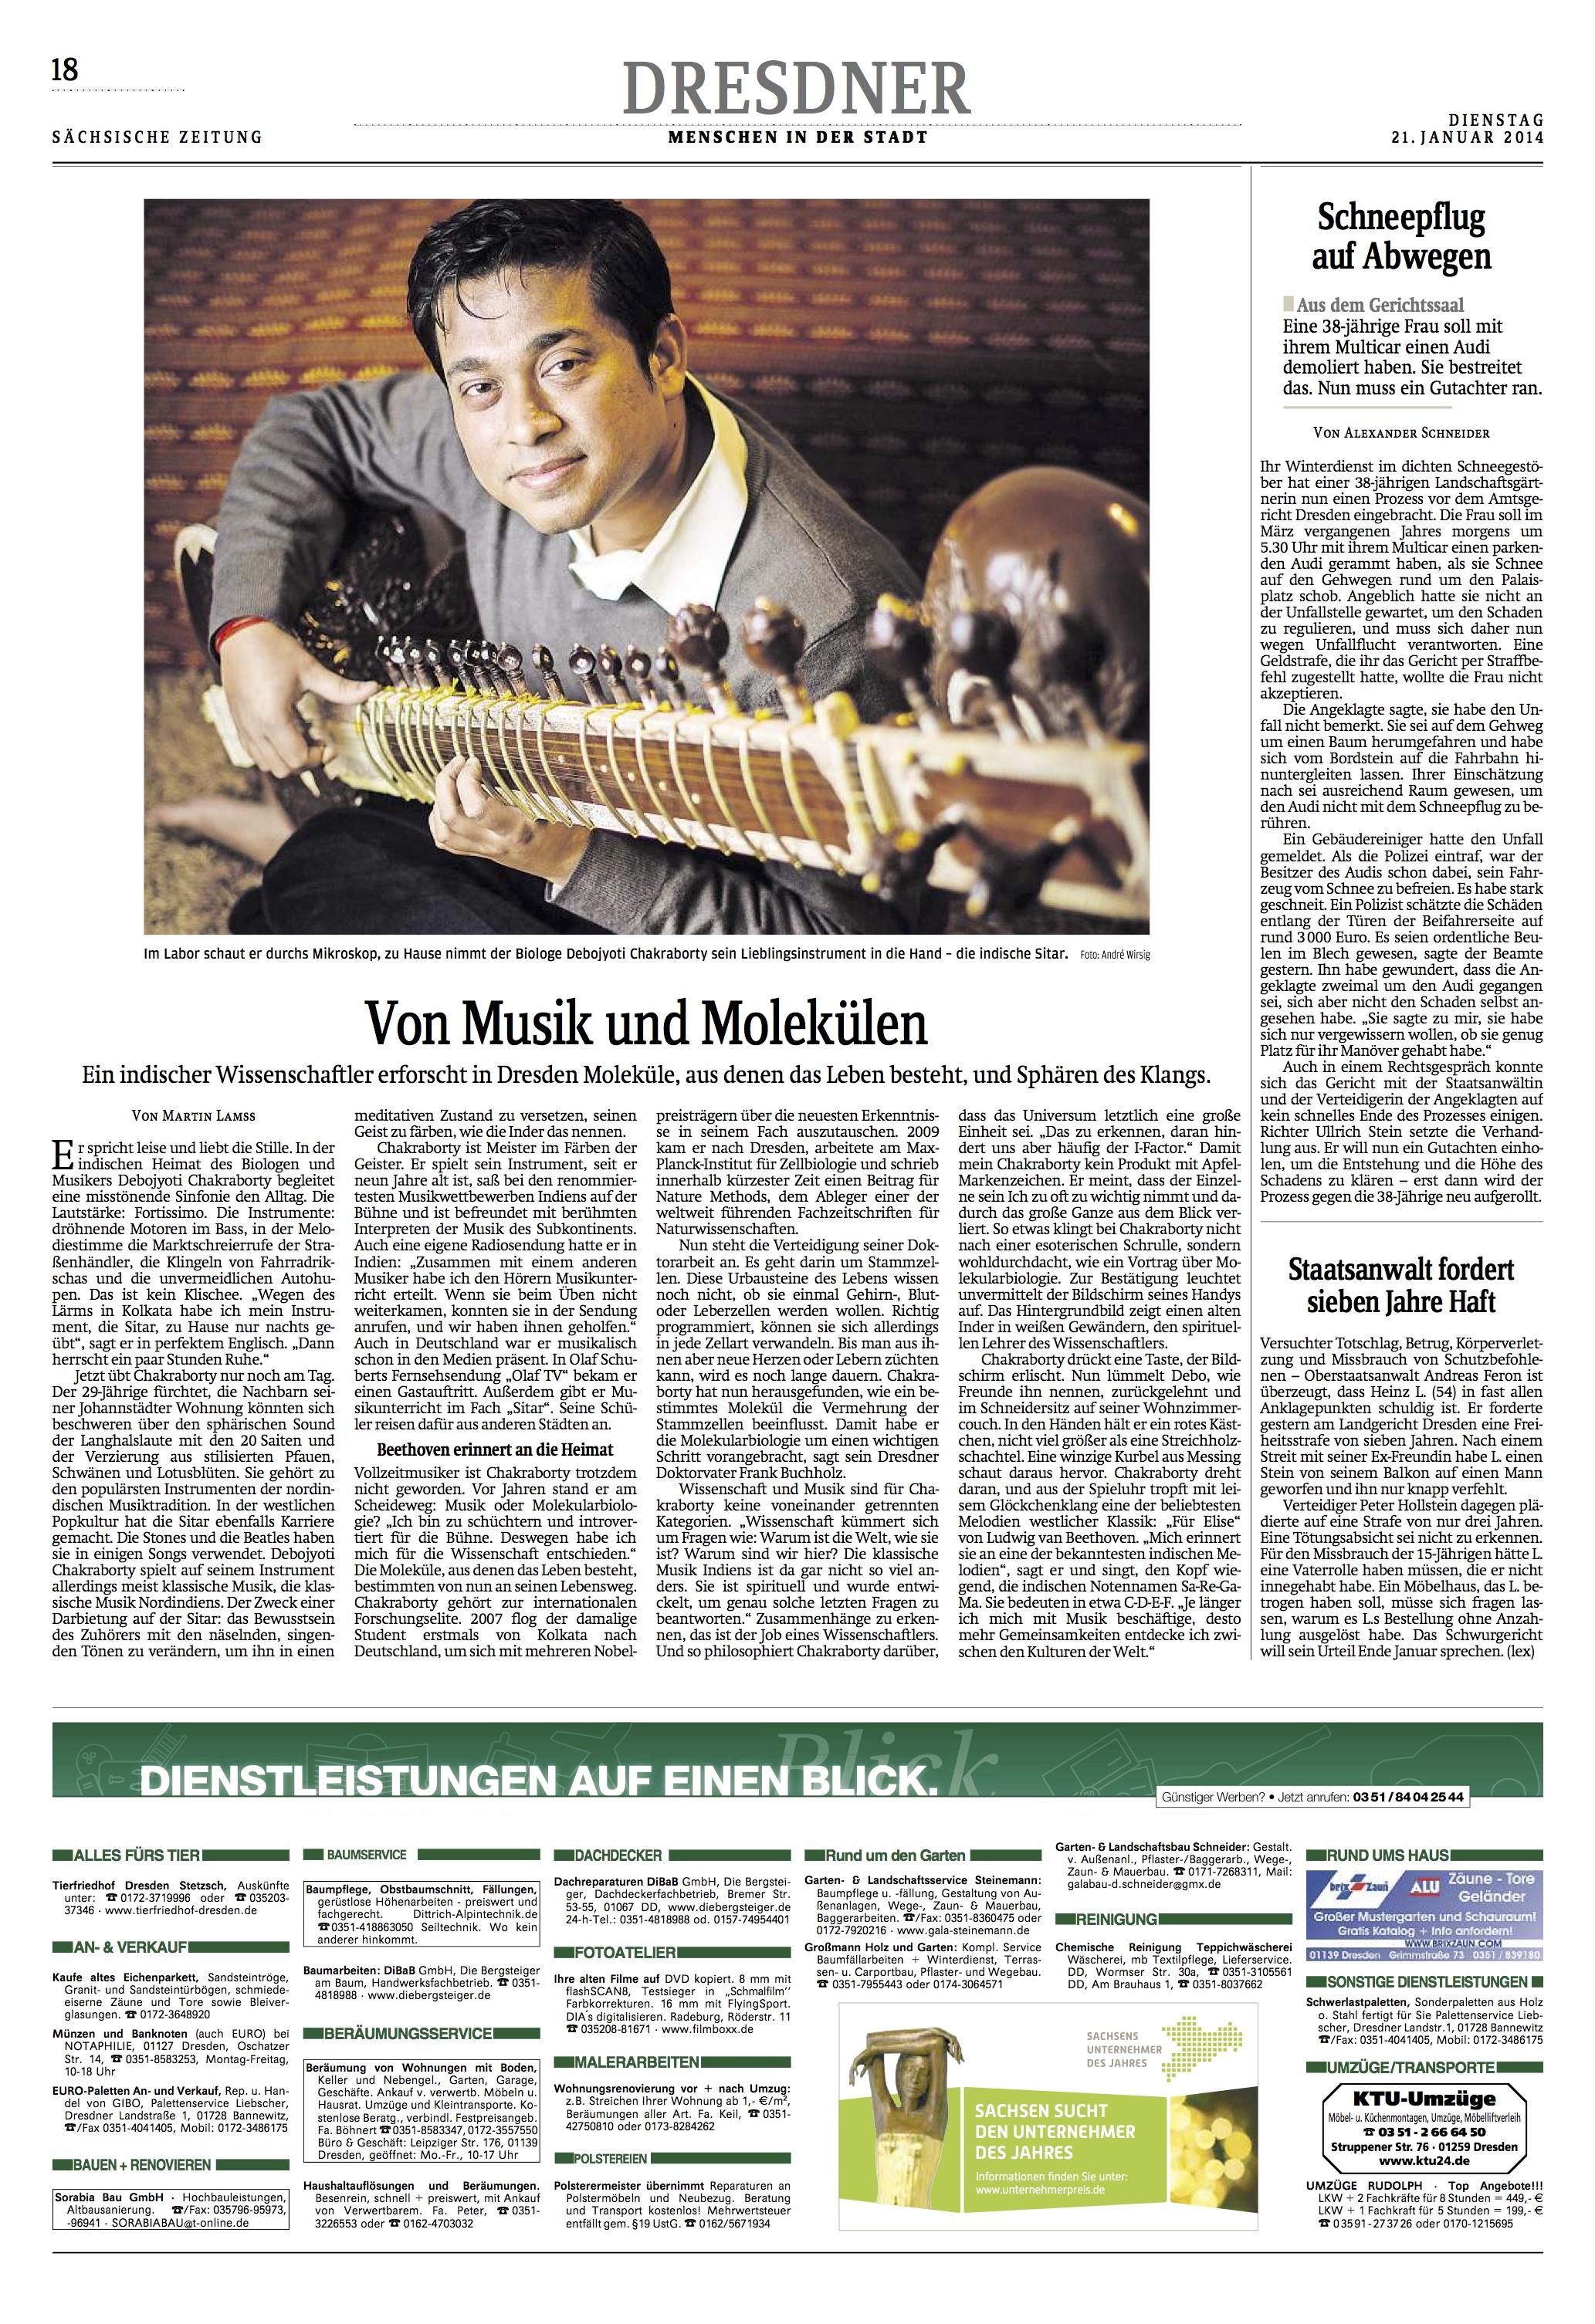 Sachsische Zeitung, 24.01.2014